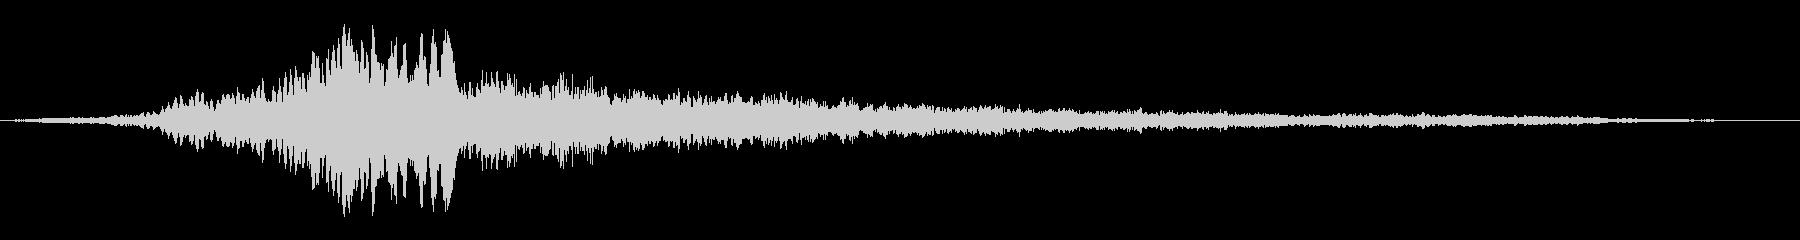 フーワーーーーーァンの未再生の波形